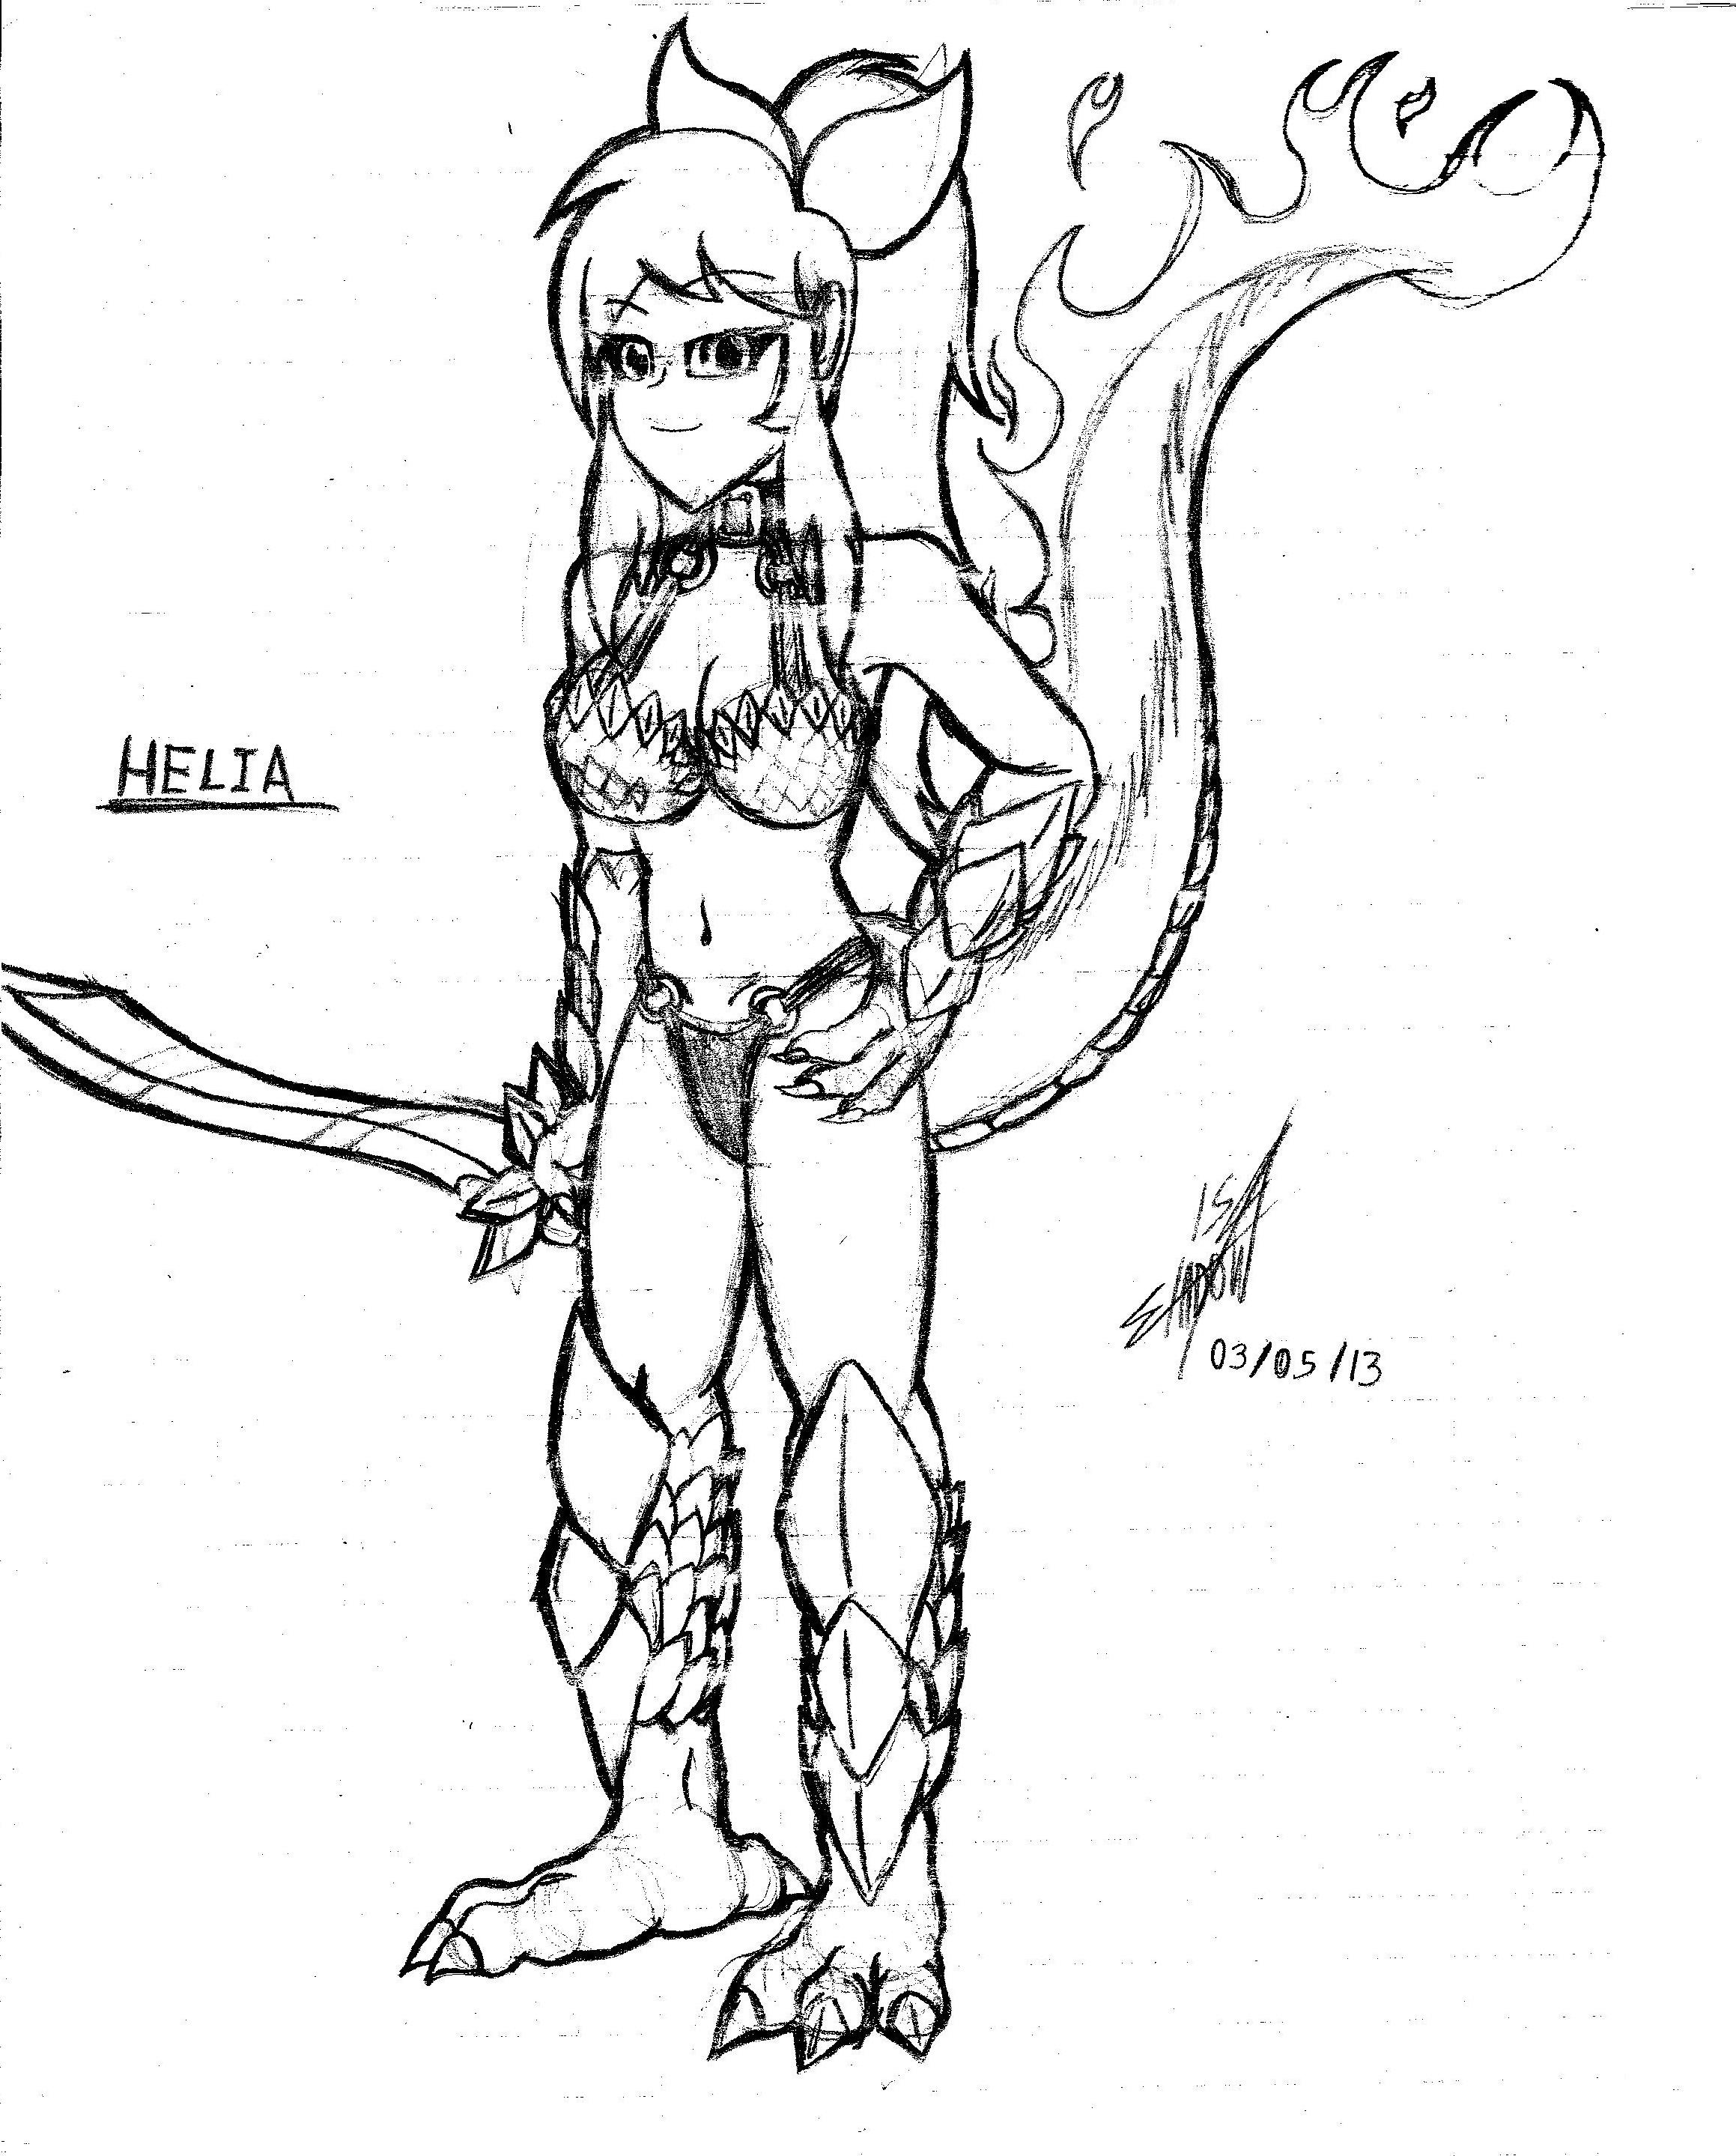 Helia Sketch